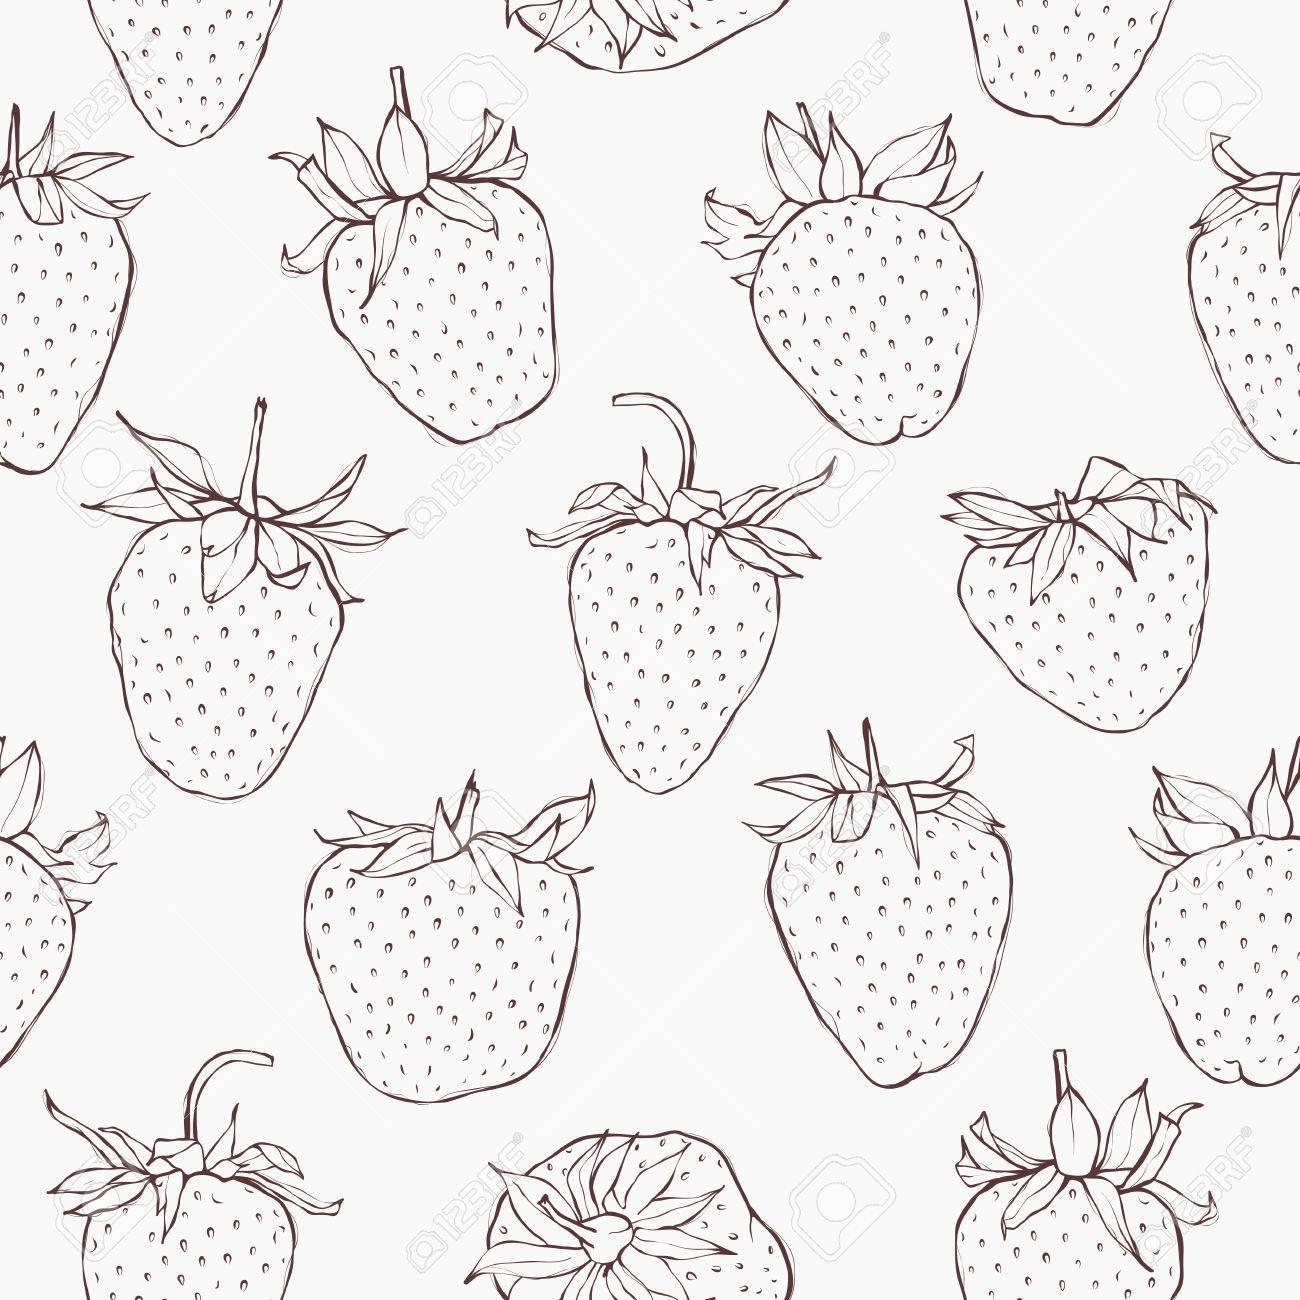 イチゴとのシームレスなパターン 手描きのモノクロ壁紙です Eps 10